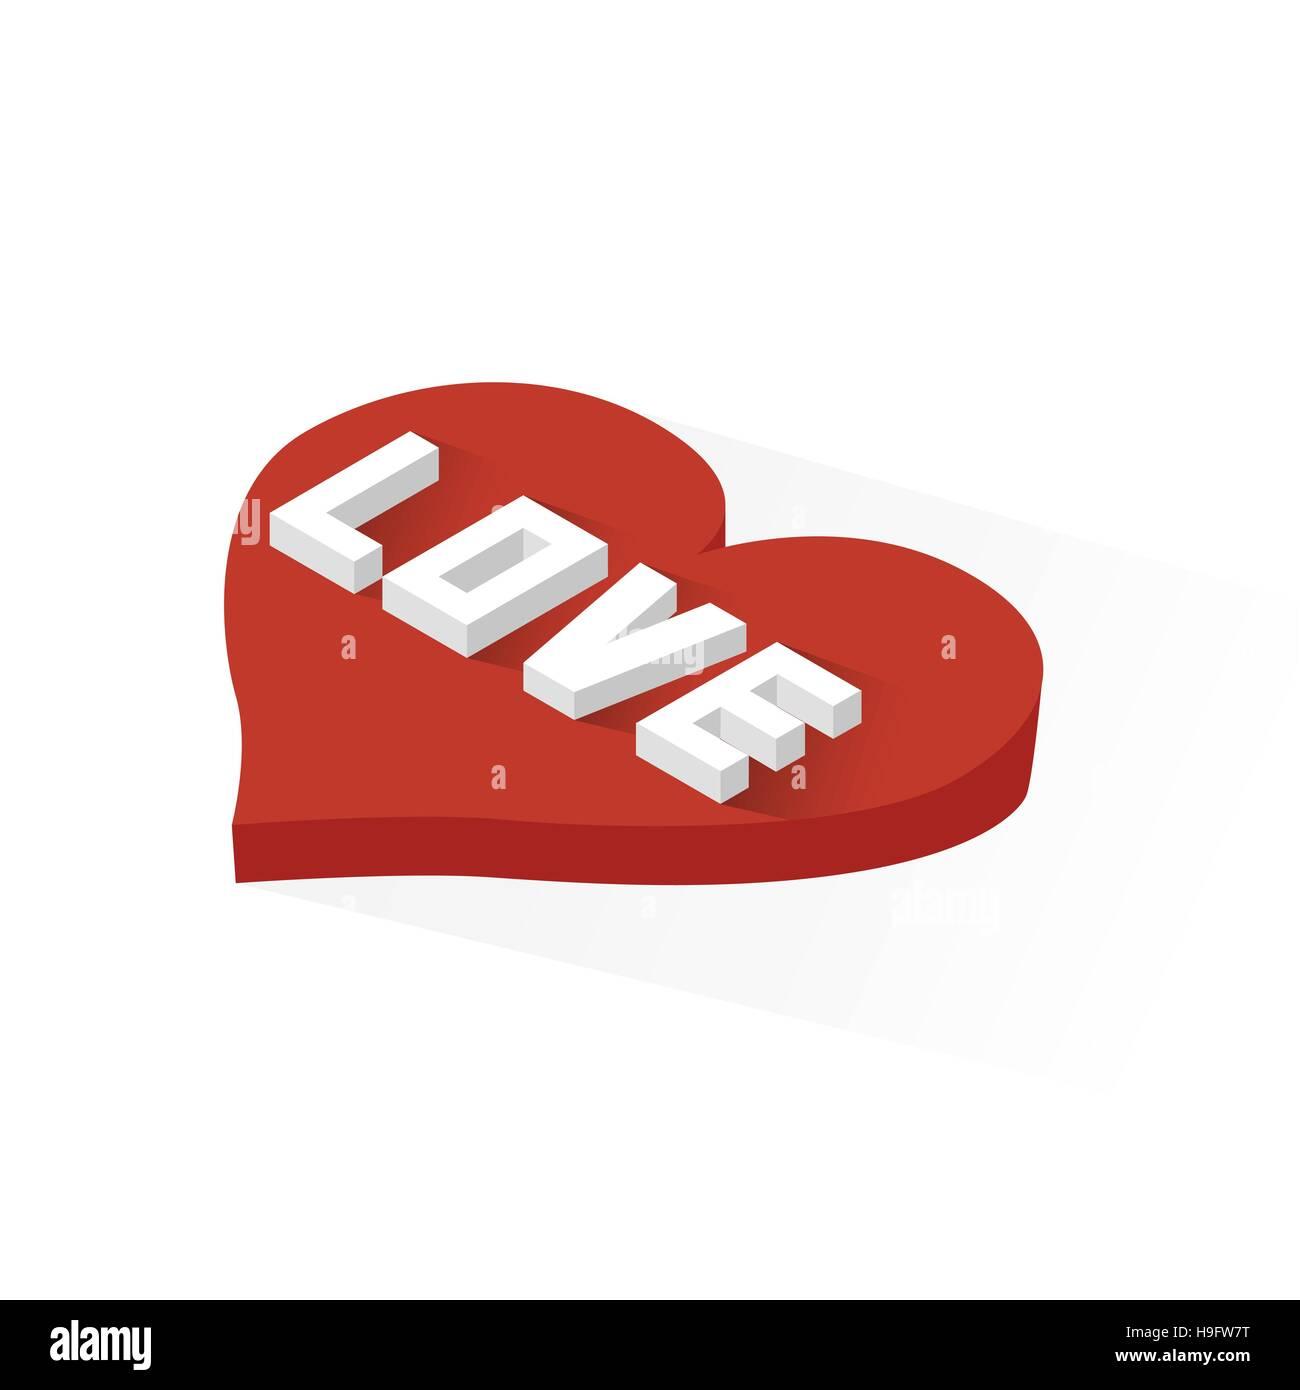 Isometric Heart Love Icon - Stock Image